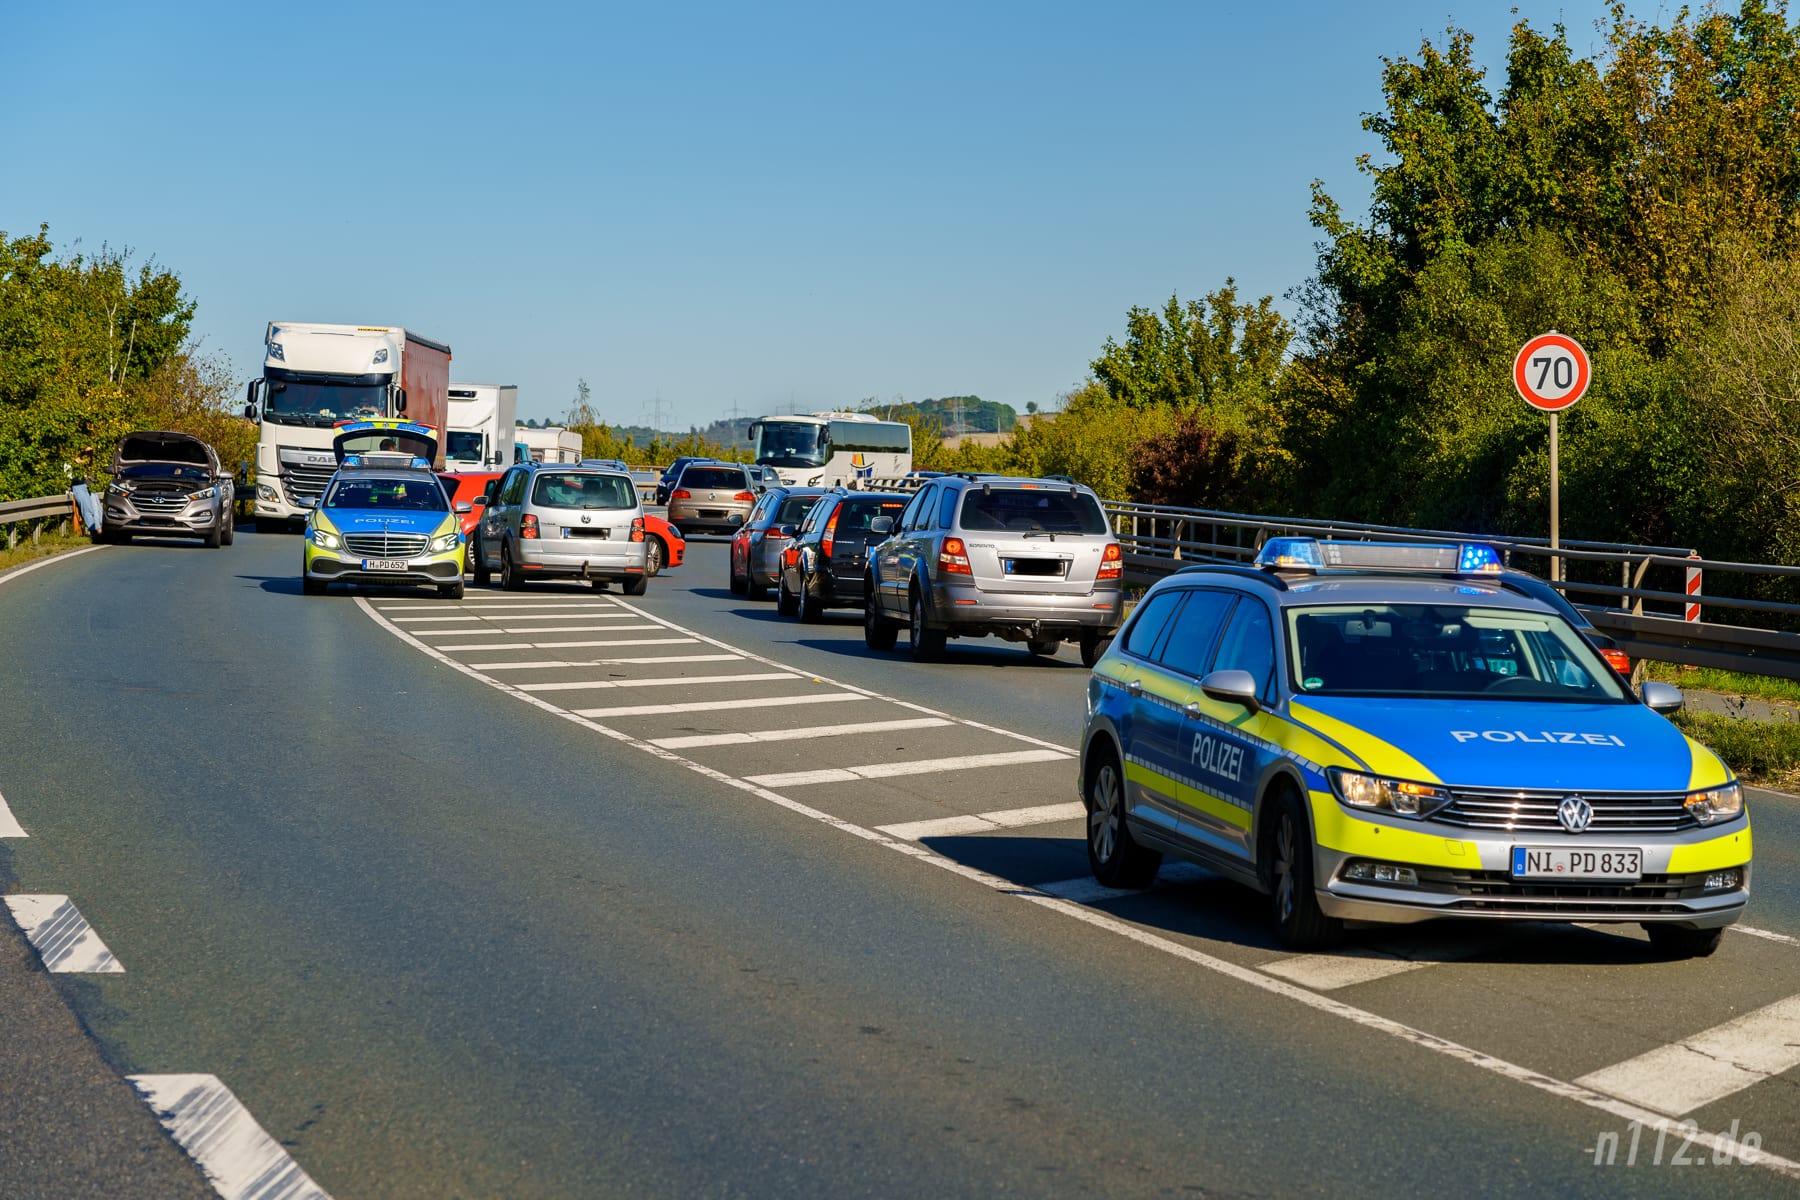 Verkehrschaos an der Unfallstelle B442: Zwei Streifenwagen der Autobahnpolizei unterstützten anfangs die Polizisten aus Bad Nenndorf (Foto: n112.de/Stefan Simonsen)